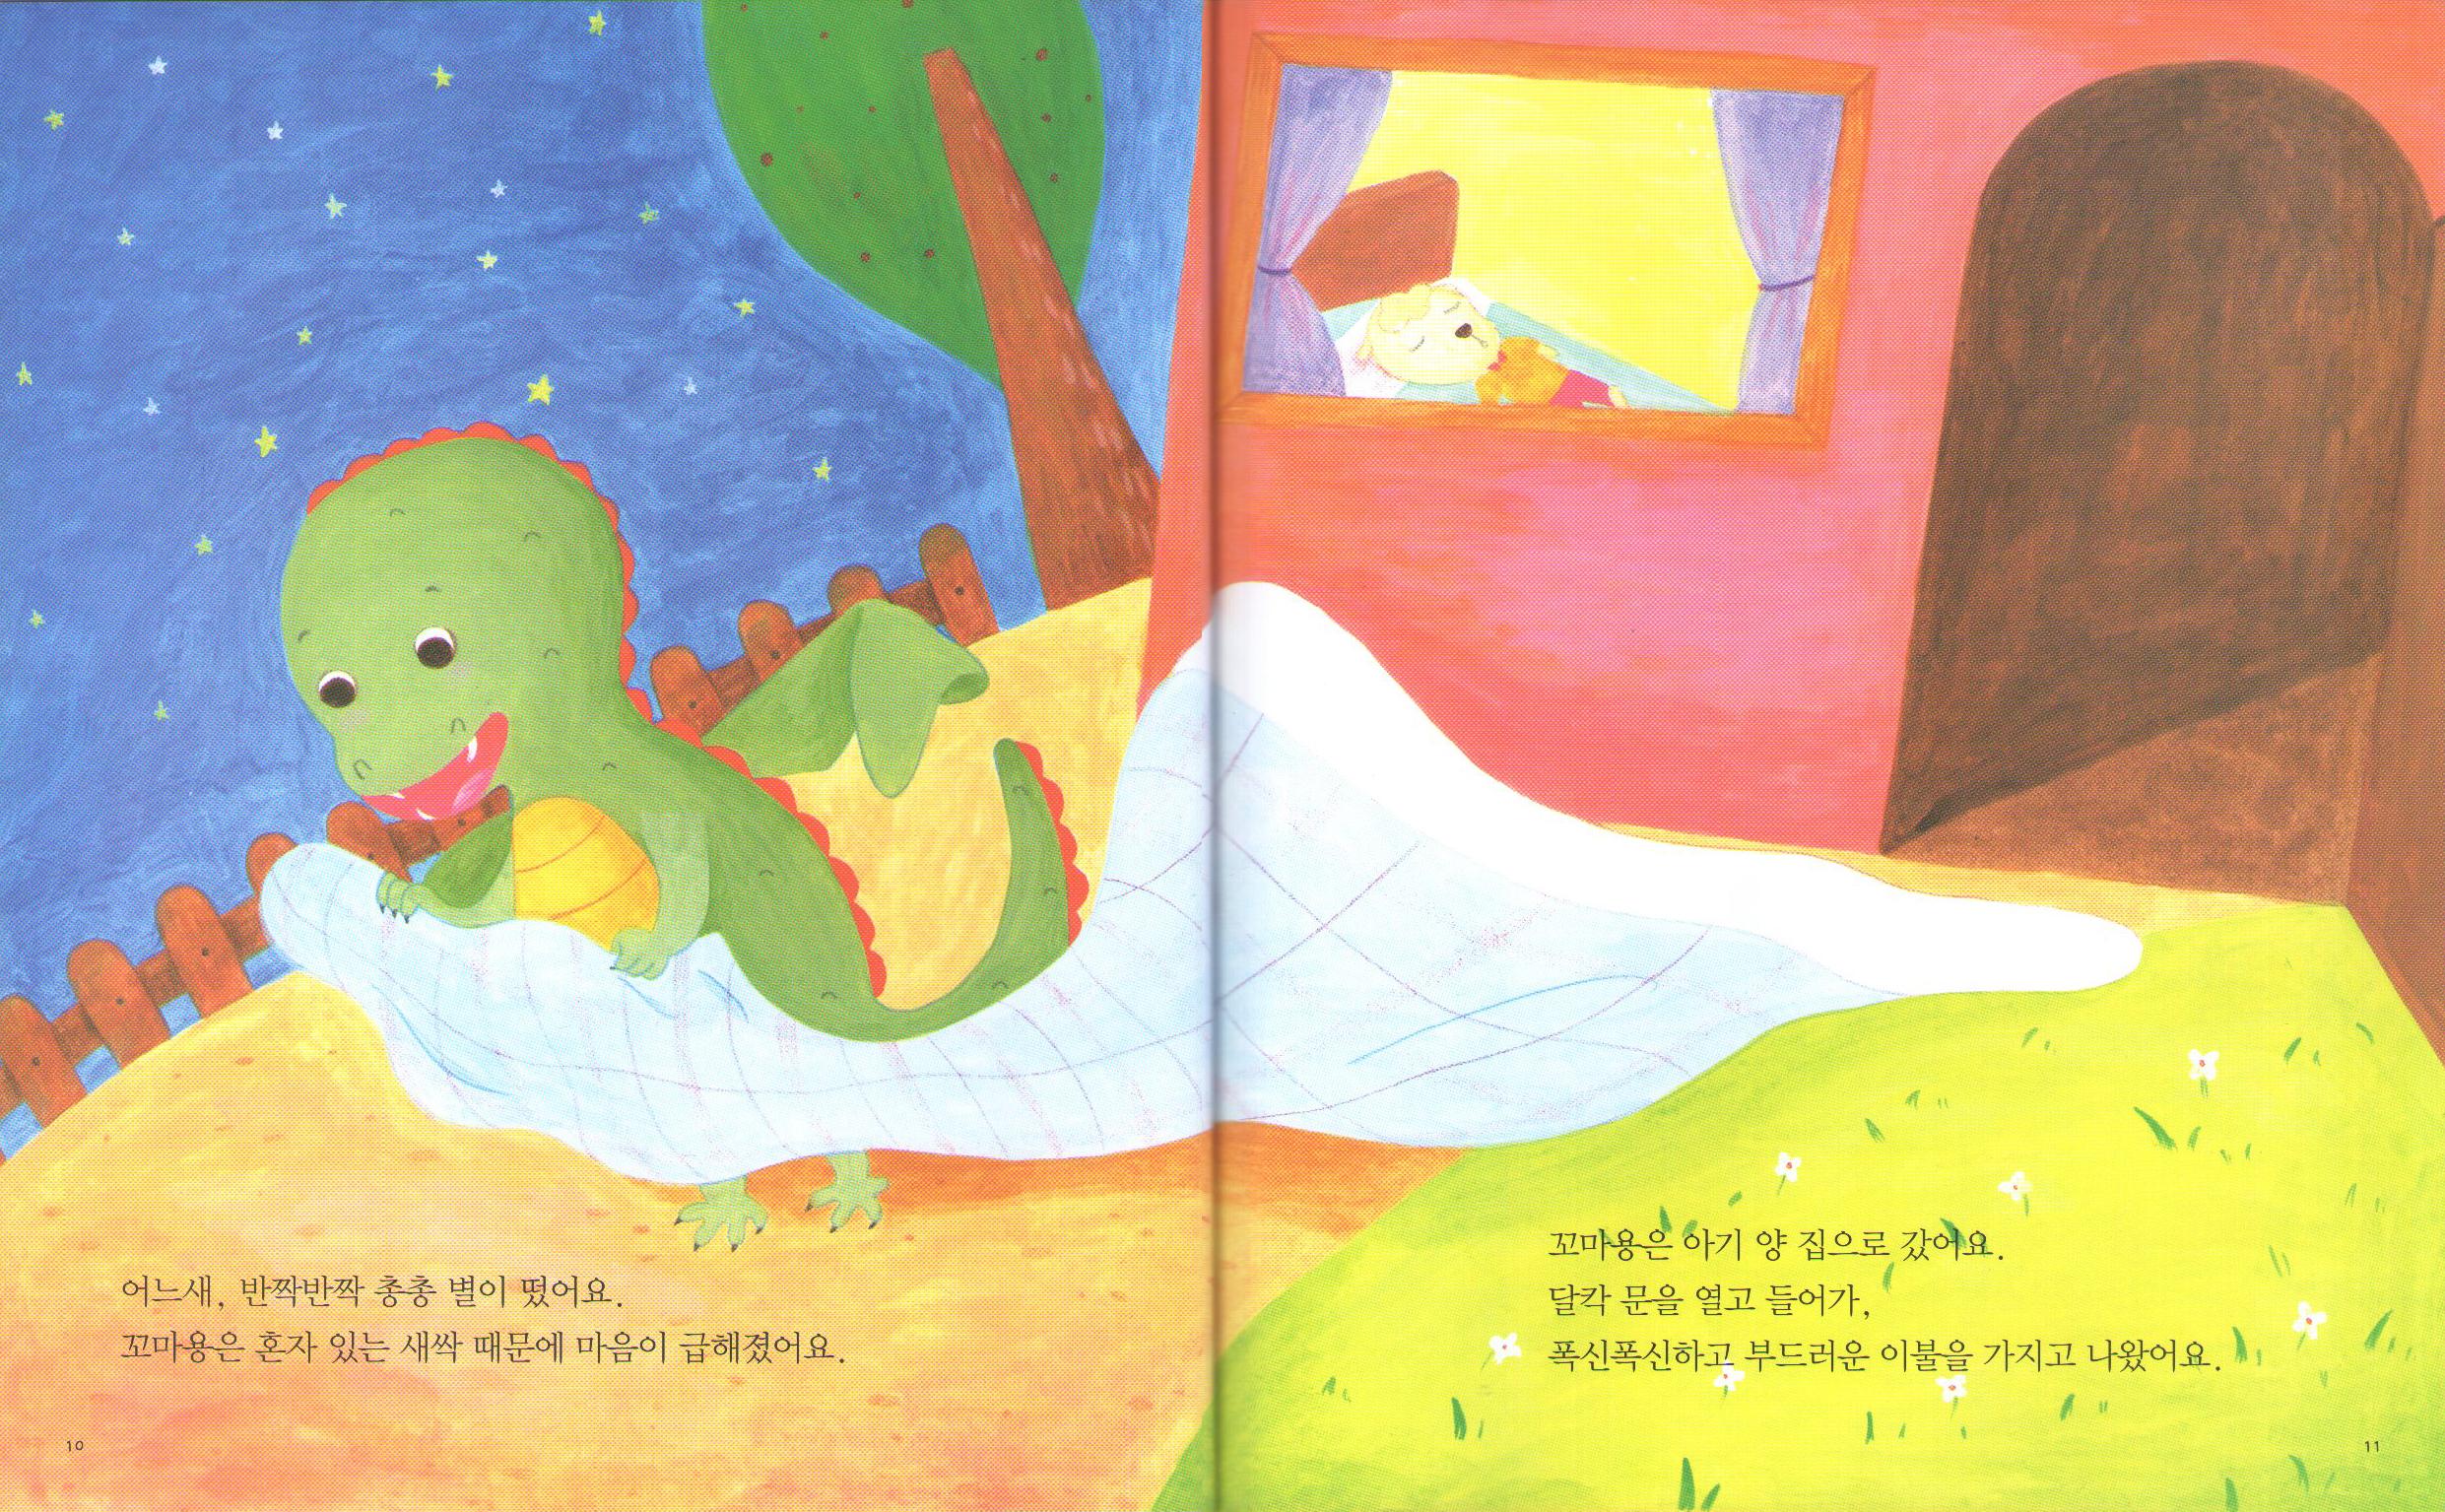 꼬마용의새싹_펼침면03